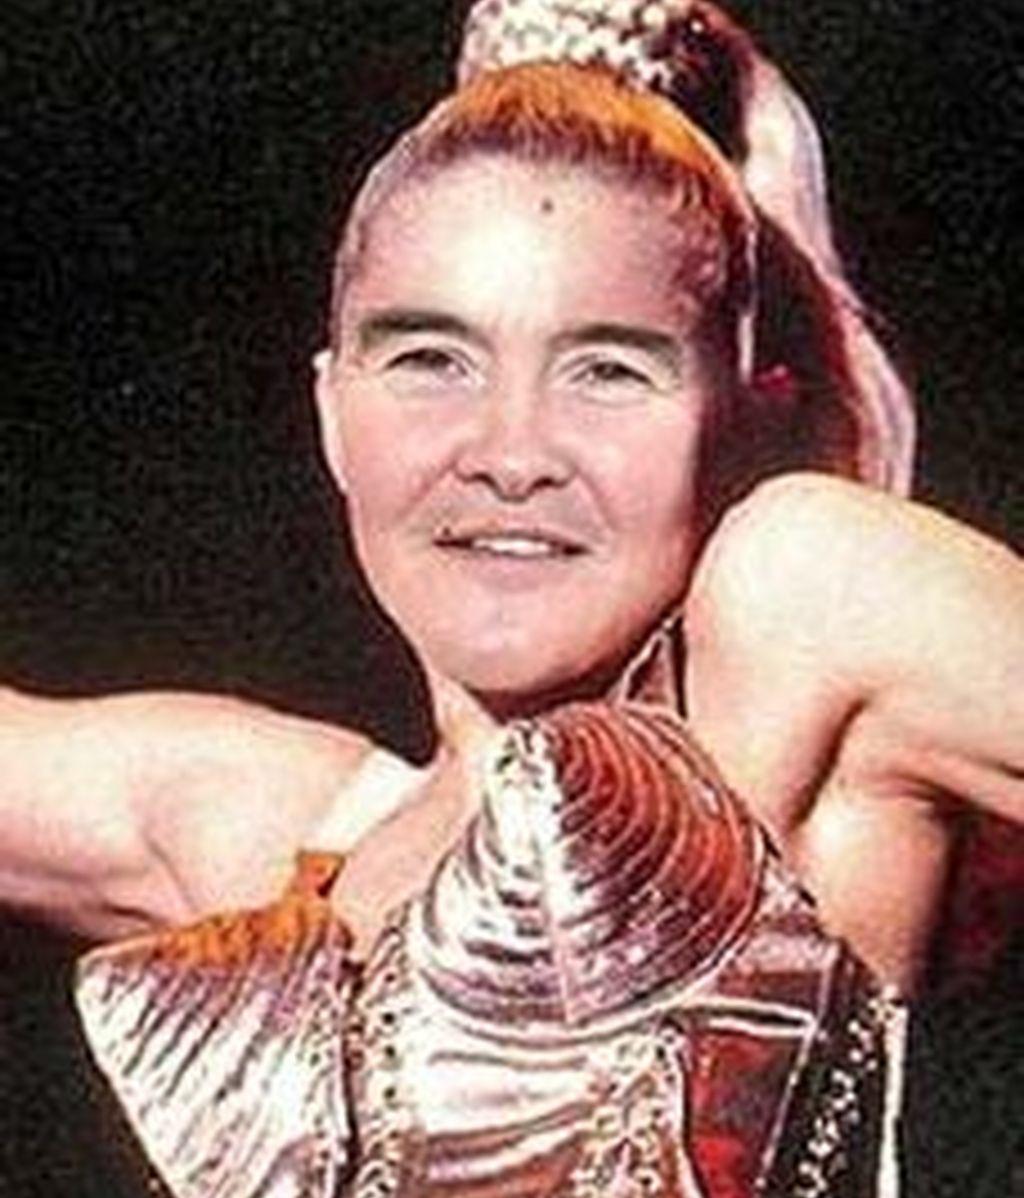 En caso de que Susan Boyle decida cambiar de look, la prensa sugiere algunos iconos a imitar. Aquí aparece la escocesa en plan Madonna. Fotos The mirror